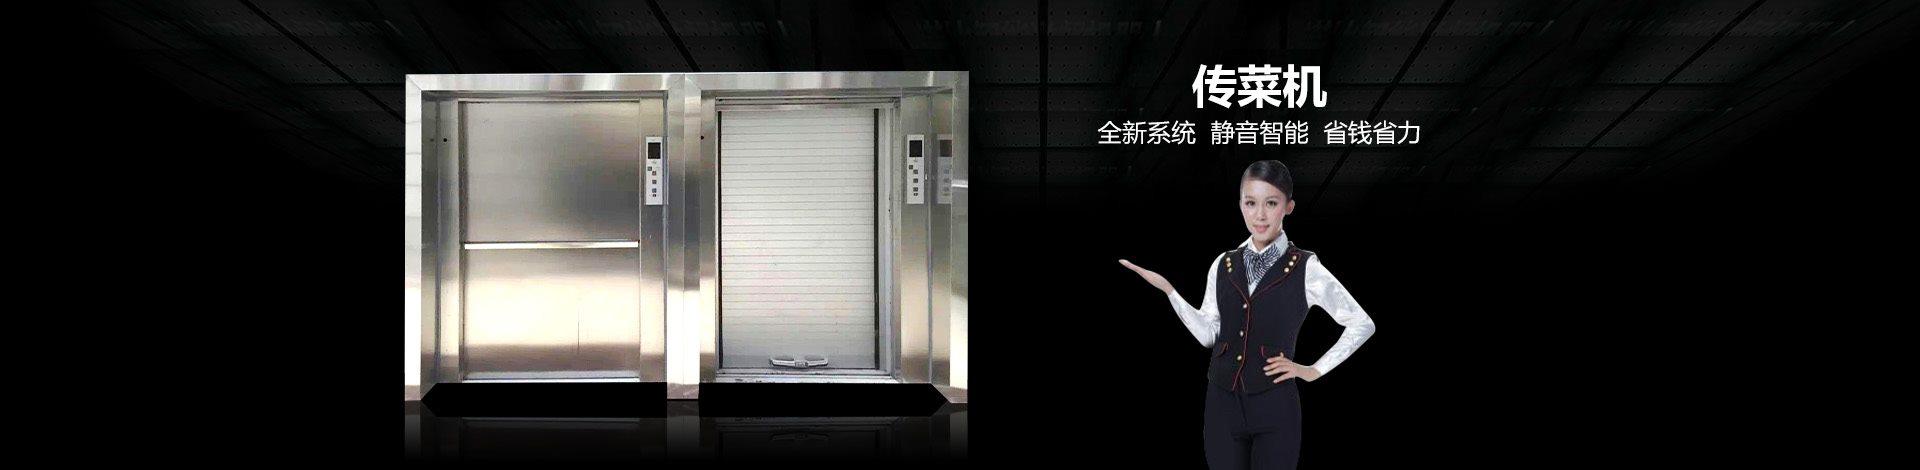 济阳县汇诚机械厂